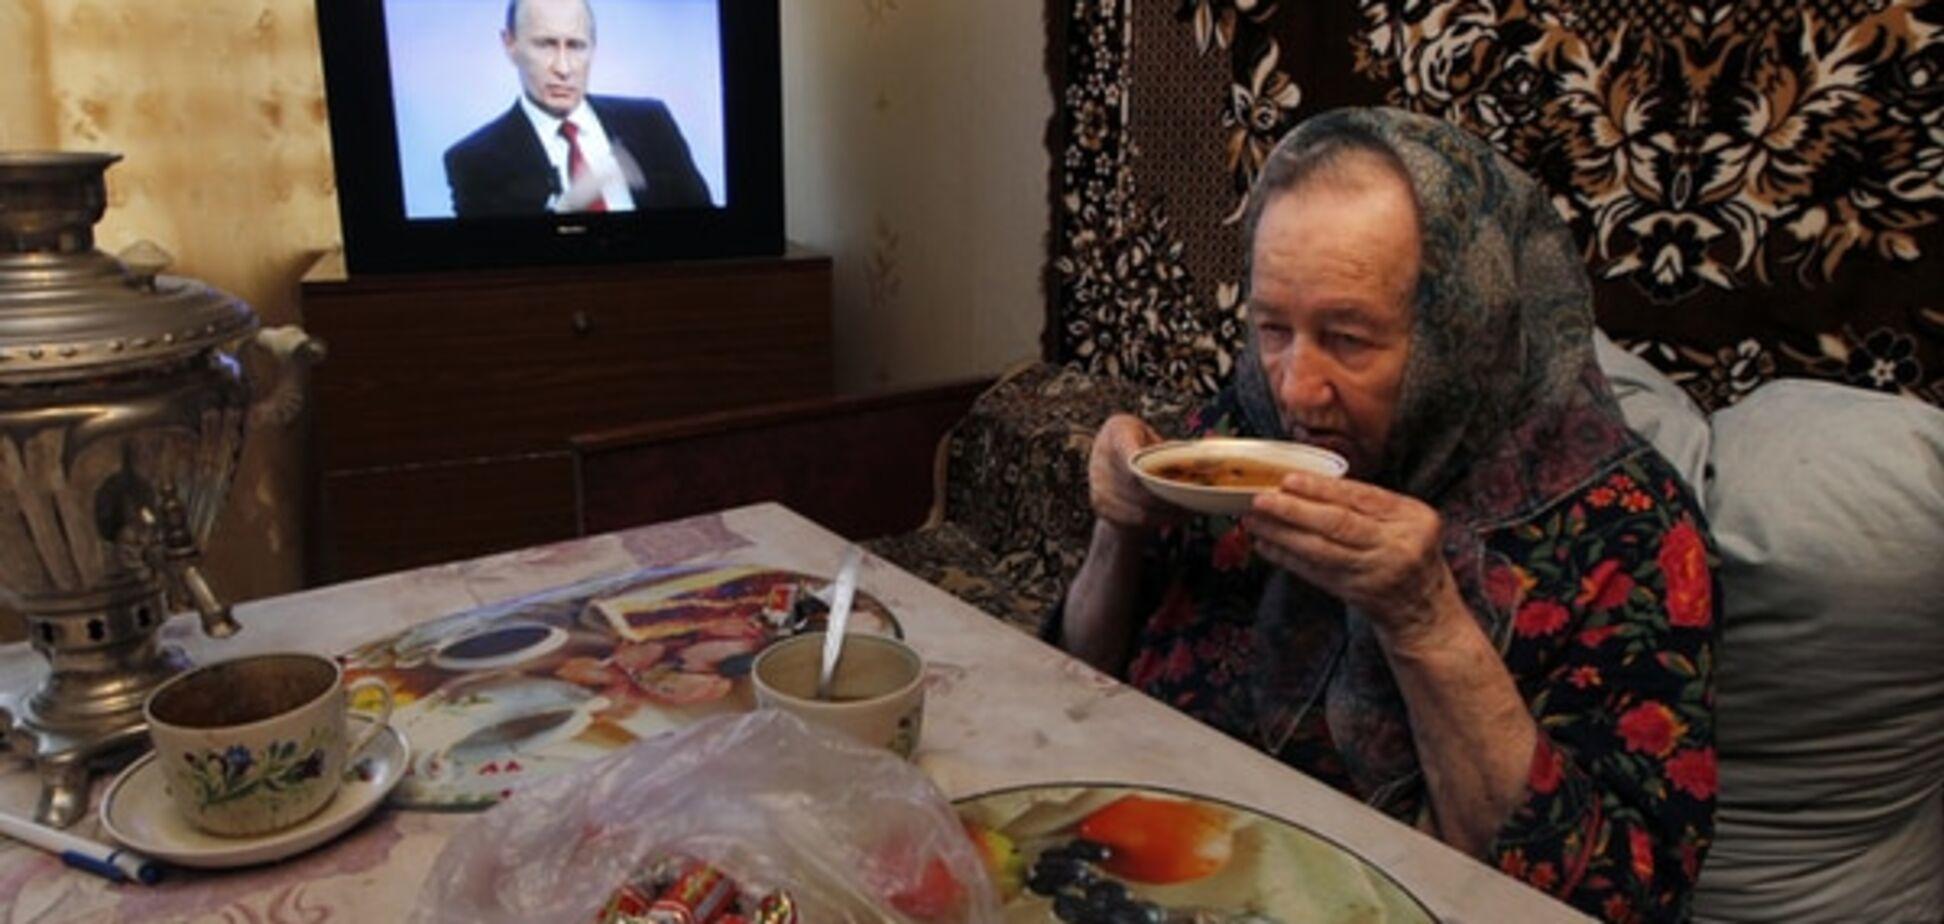 Рабинович: Путин – фантом и продукт пиара, ведущий Россию к развалу